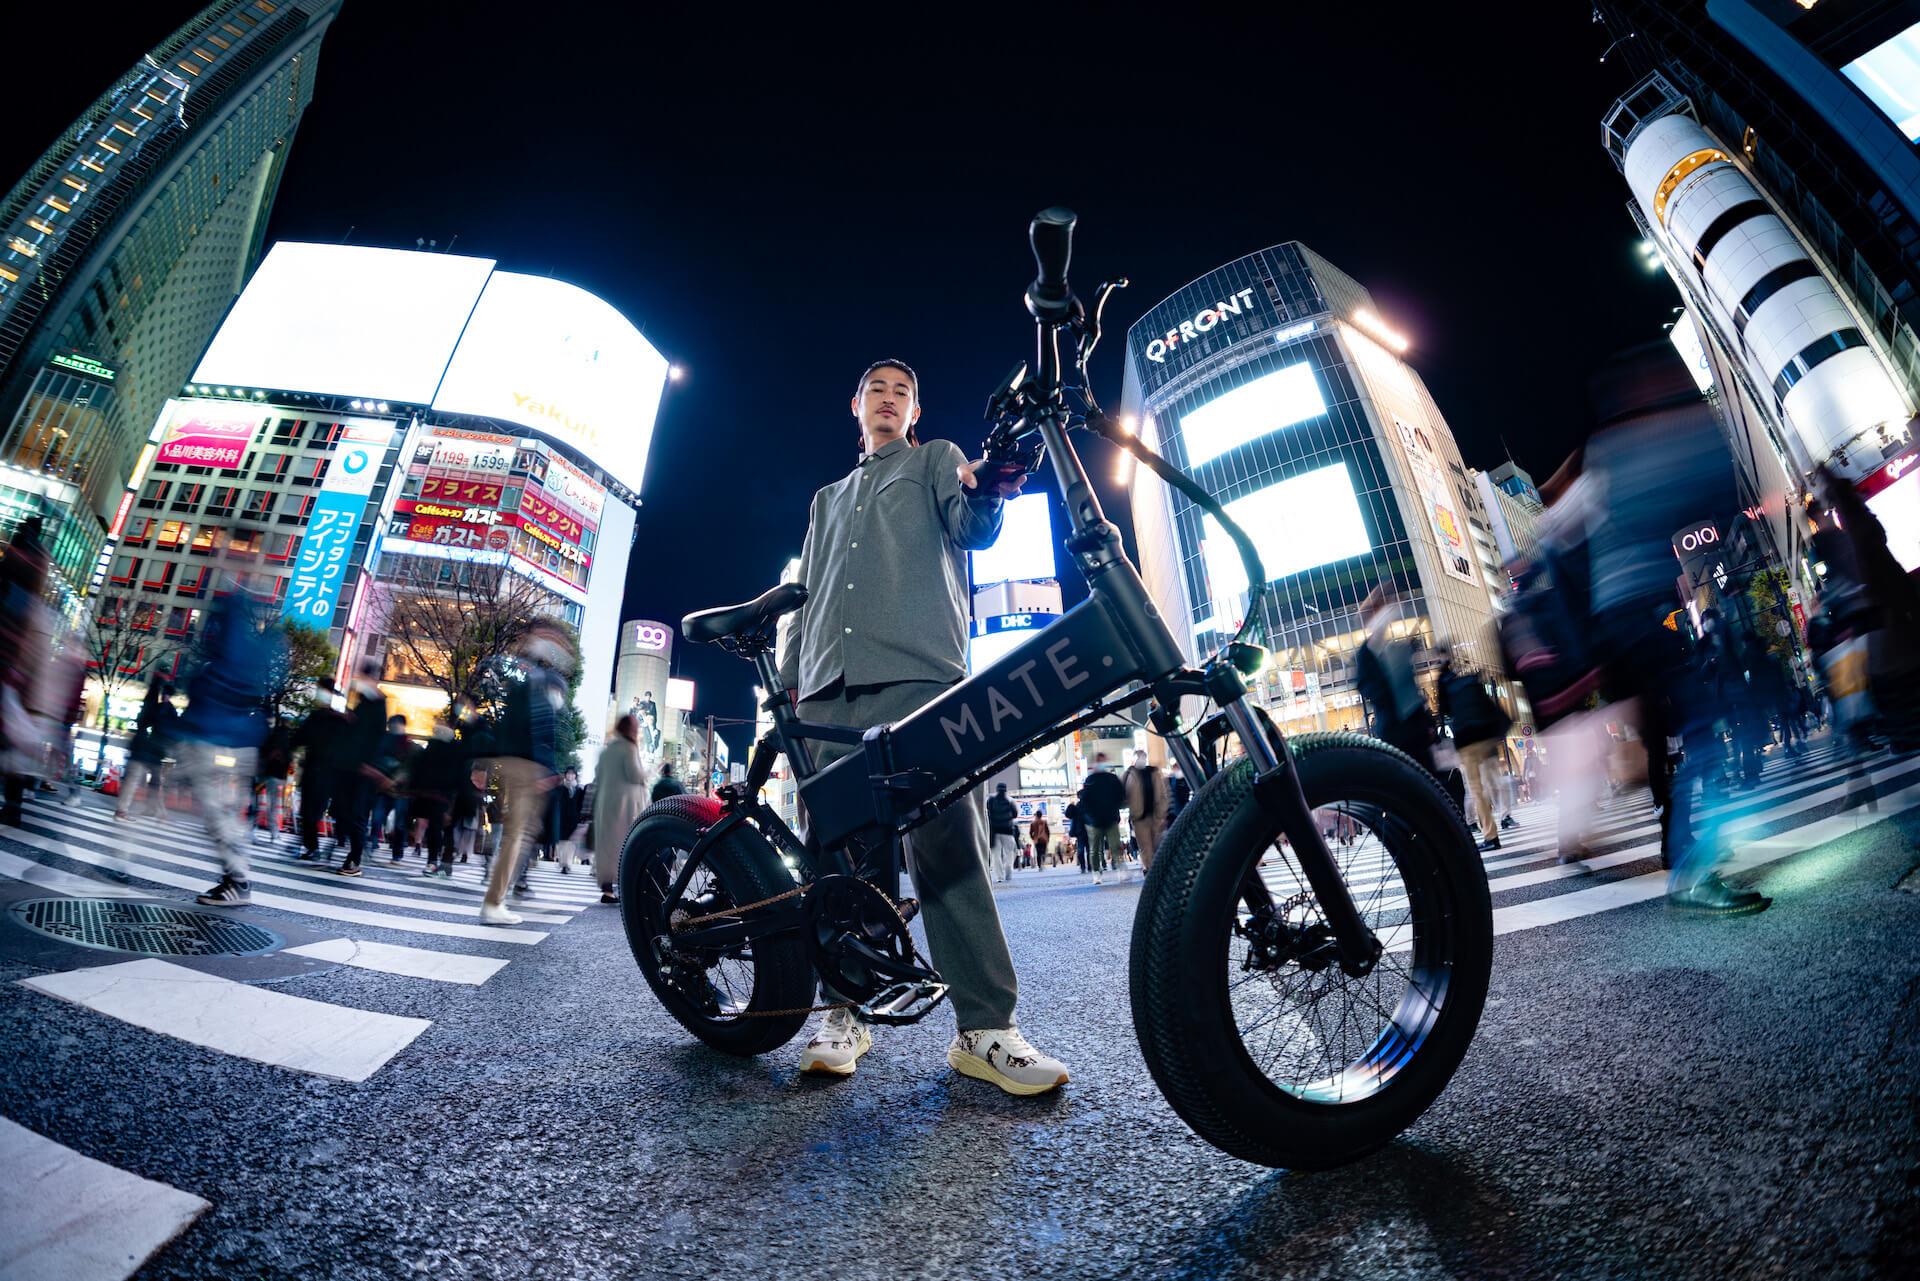 電動自転車ブランド「MATE. BIKE」世界初の旗艦店が恵比寿にオープン!窪塚洋介がジャパンアンバサダーに就任 tech210331_mate_bike_5